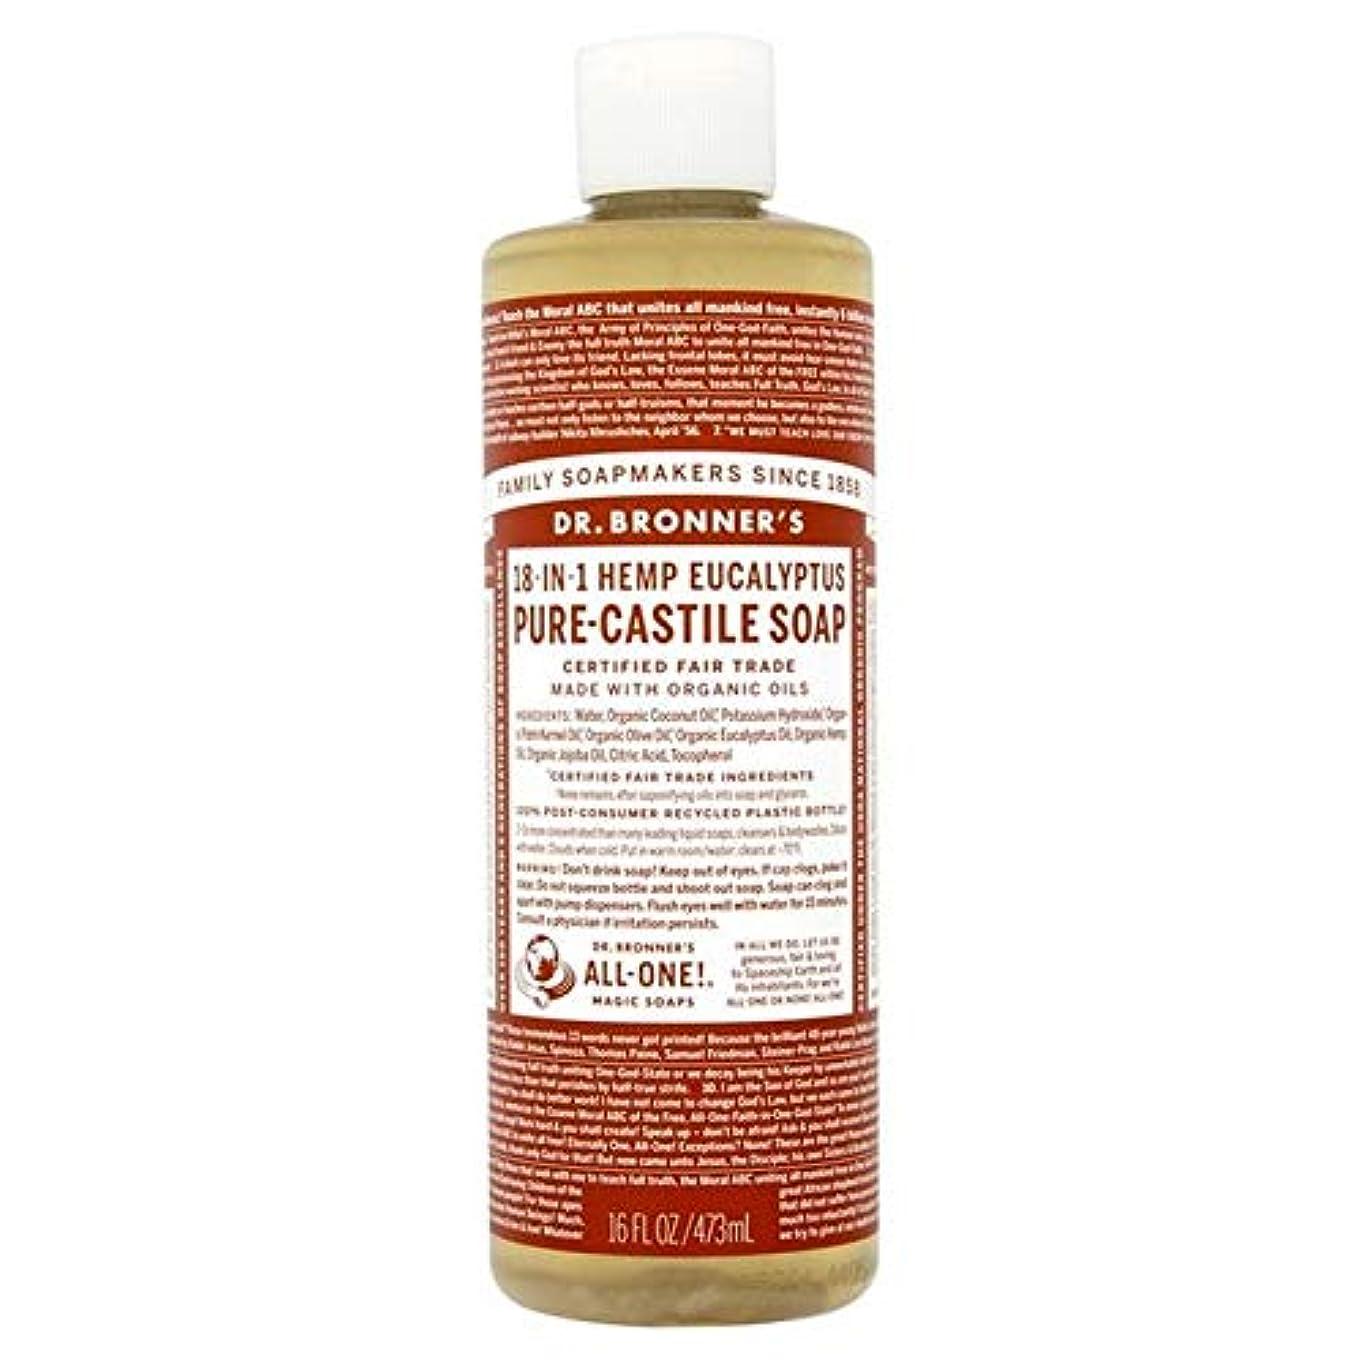 アルファベット順セットする狭い[Dr Bronner] Dr。ブロナーズ有機ユーカリの純粋な-カスティーリャ液体石鹸473ミリリットル - Dr. Bronner's Organic Eucalyptus Pure-Castille Liquid Soap...